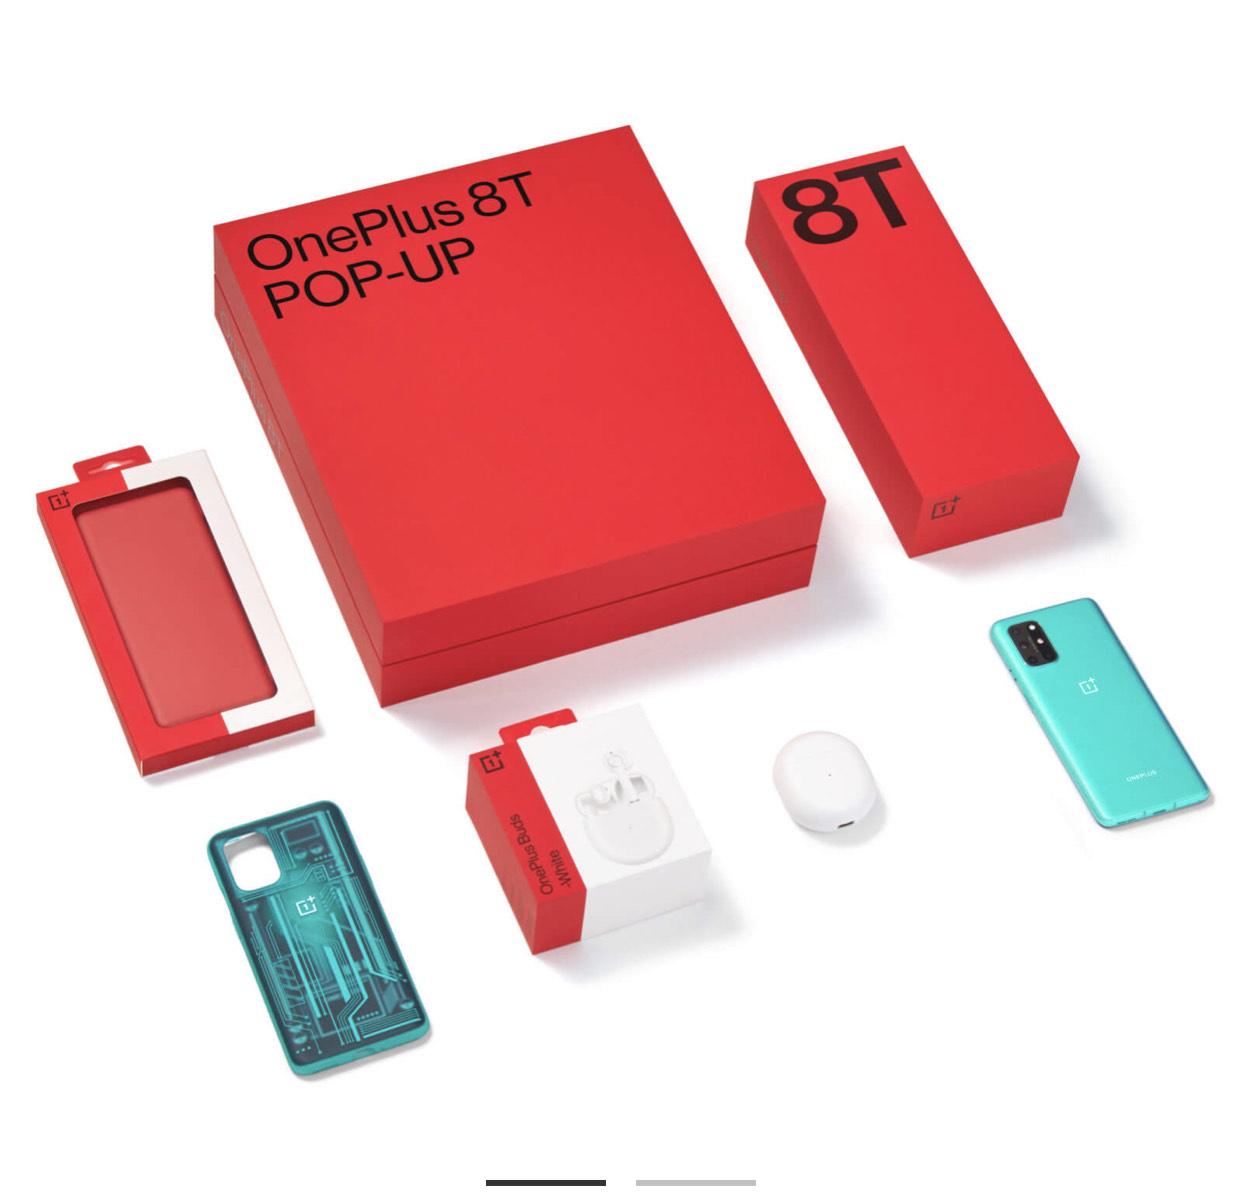 Oneplus 8T Pop up box bundle (Aquamarine Green 12 GB RAM + 256 GB Storage + Case + Wireless Buds) £649 via OnePlus